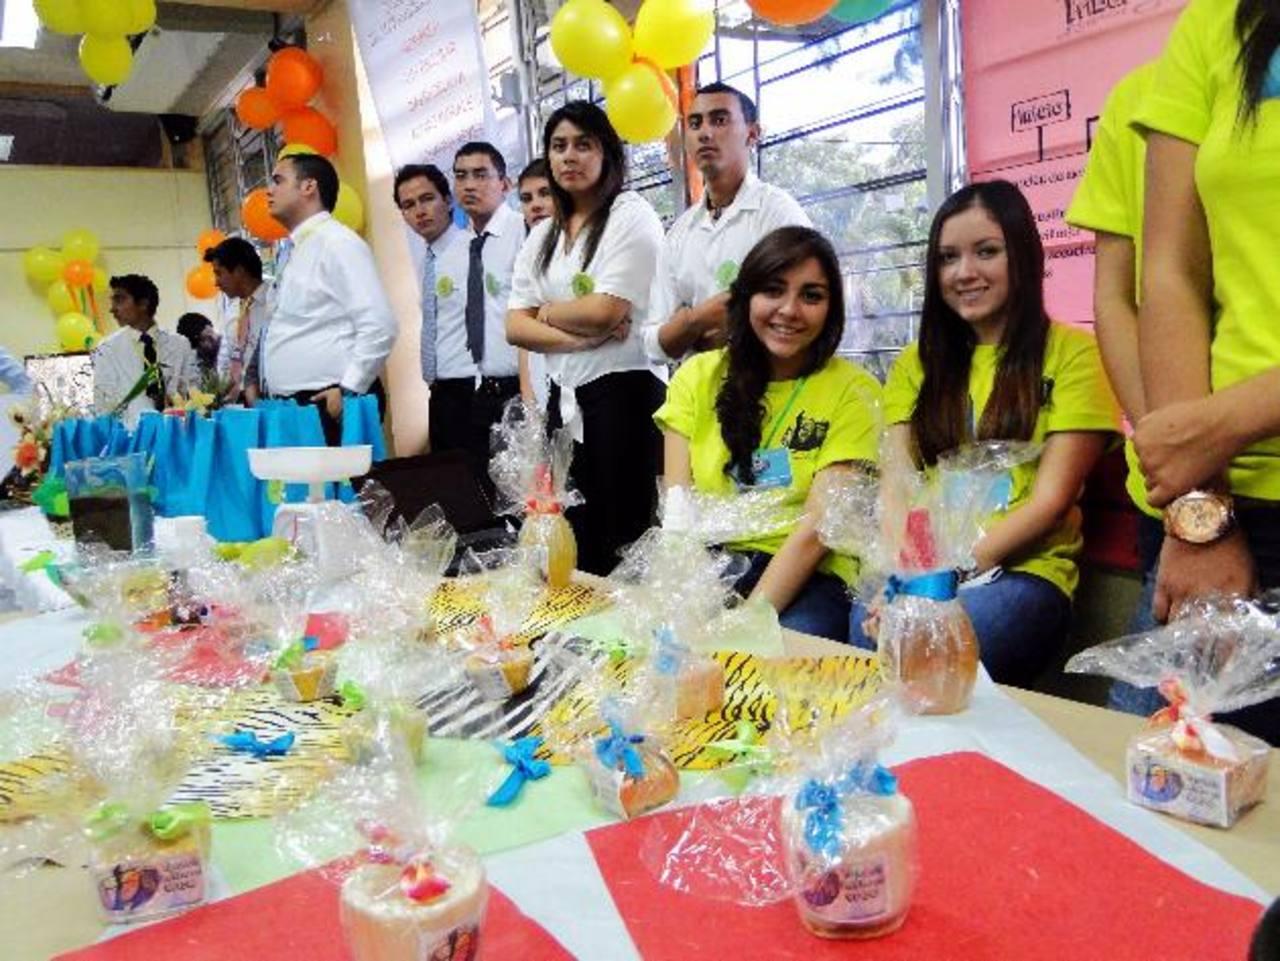 Los alumnos mostraron diversos productos en la exposición. Foto EDH /cortesía